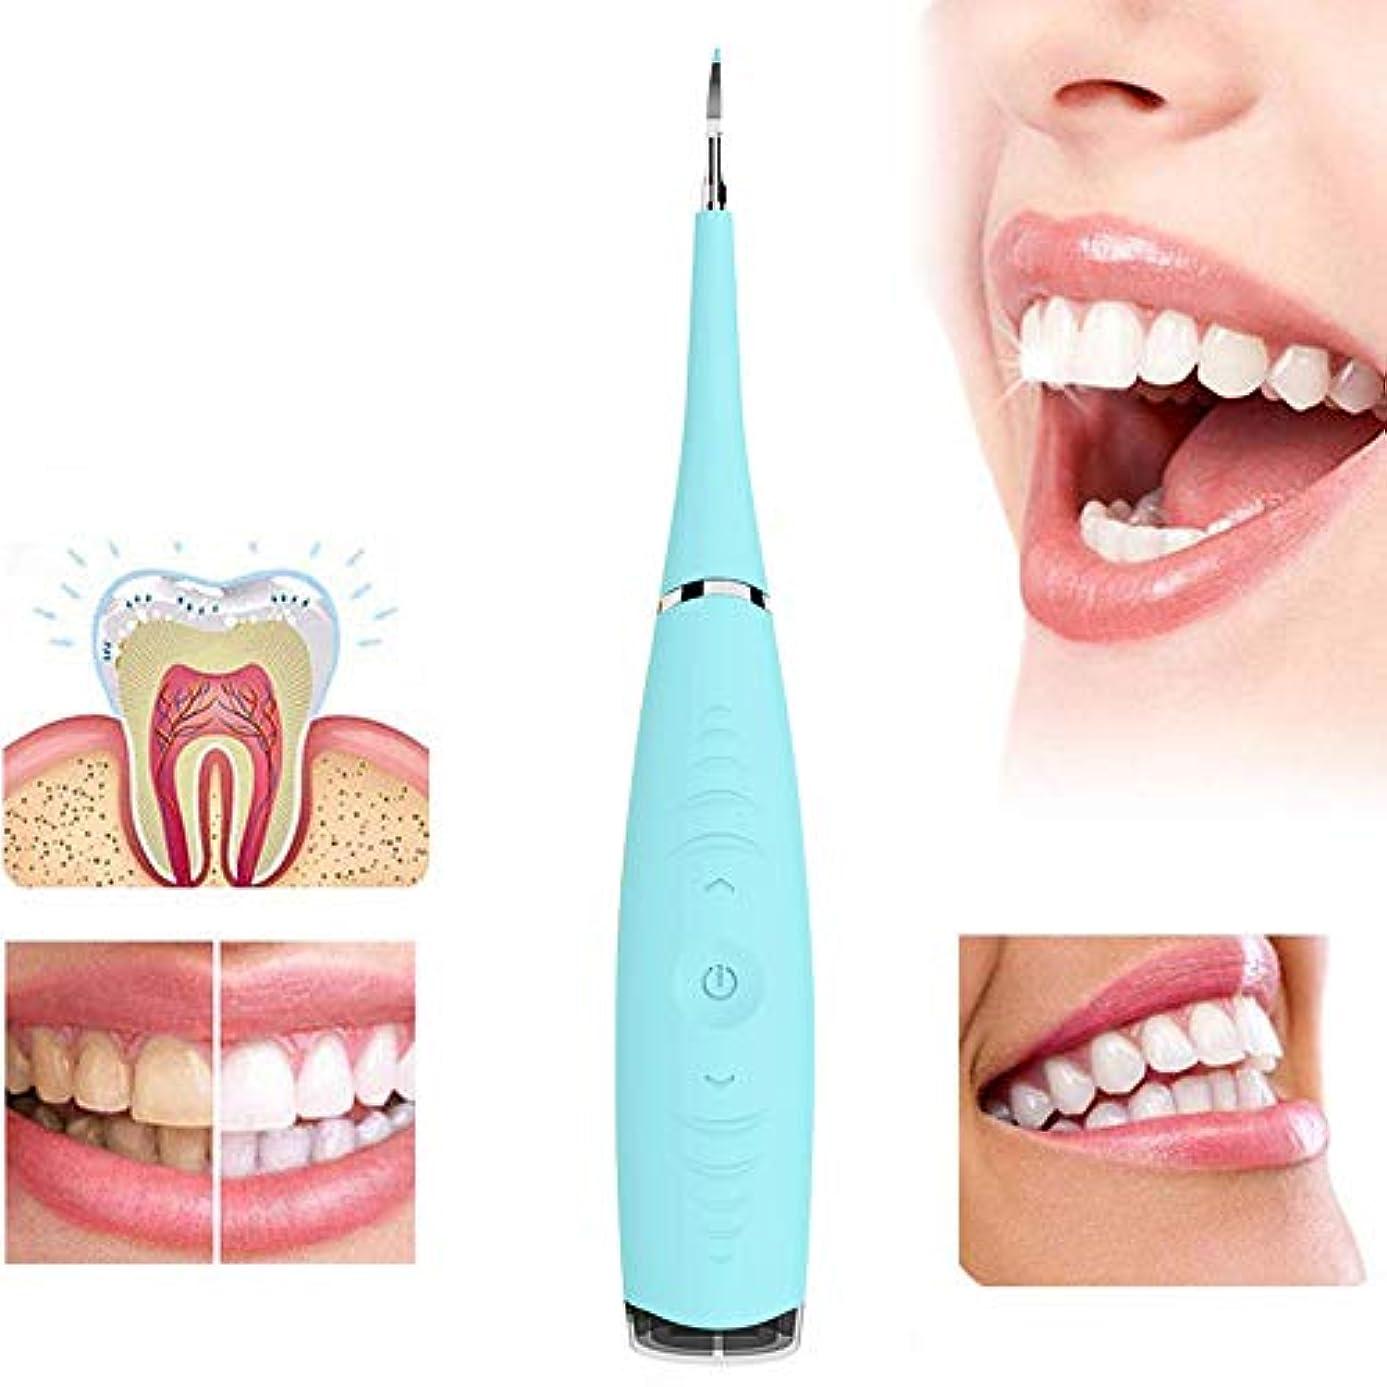 説得教育学抹消歯をホワイトニング電動歯石除去ツール防水ステンレス鋼歯石スクレーパー歯のクリーニング消しゴム